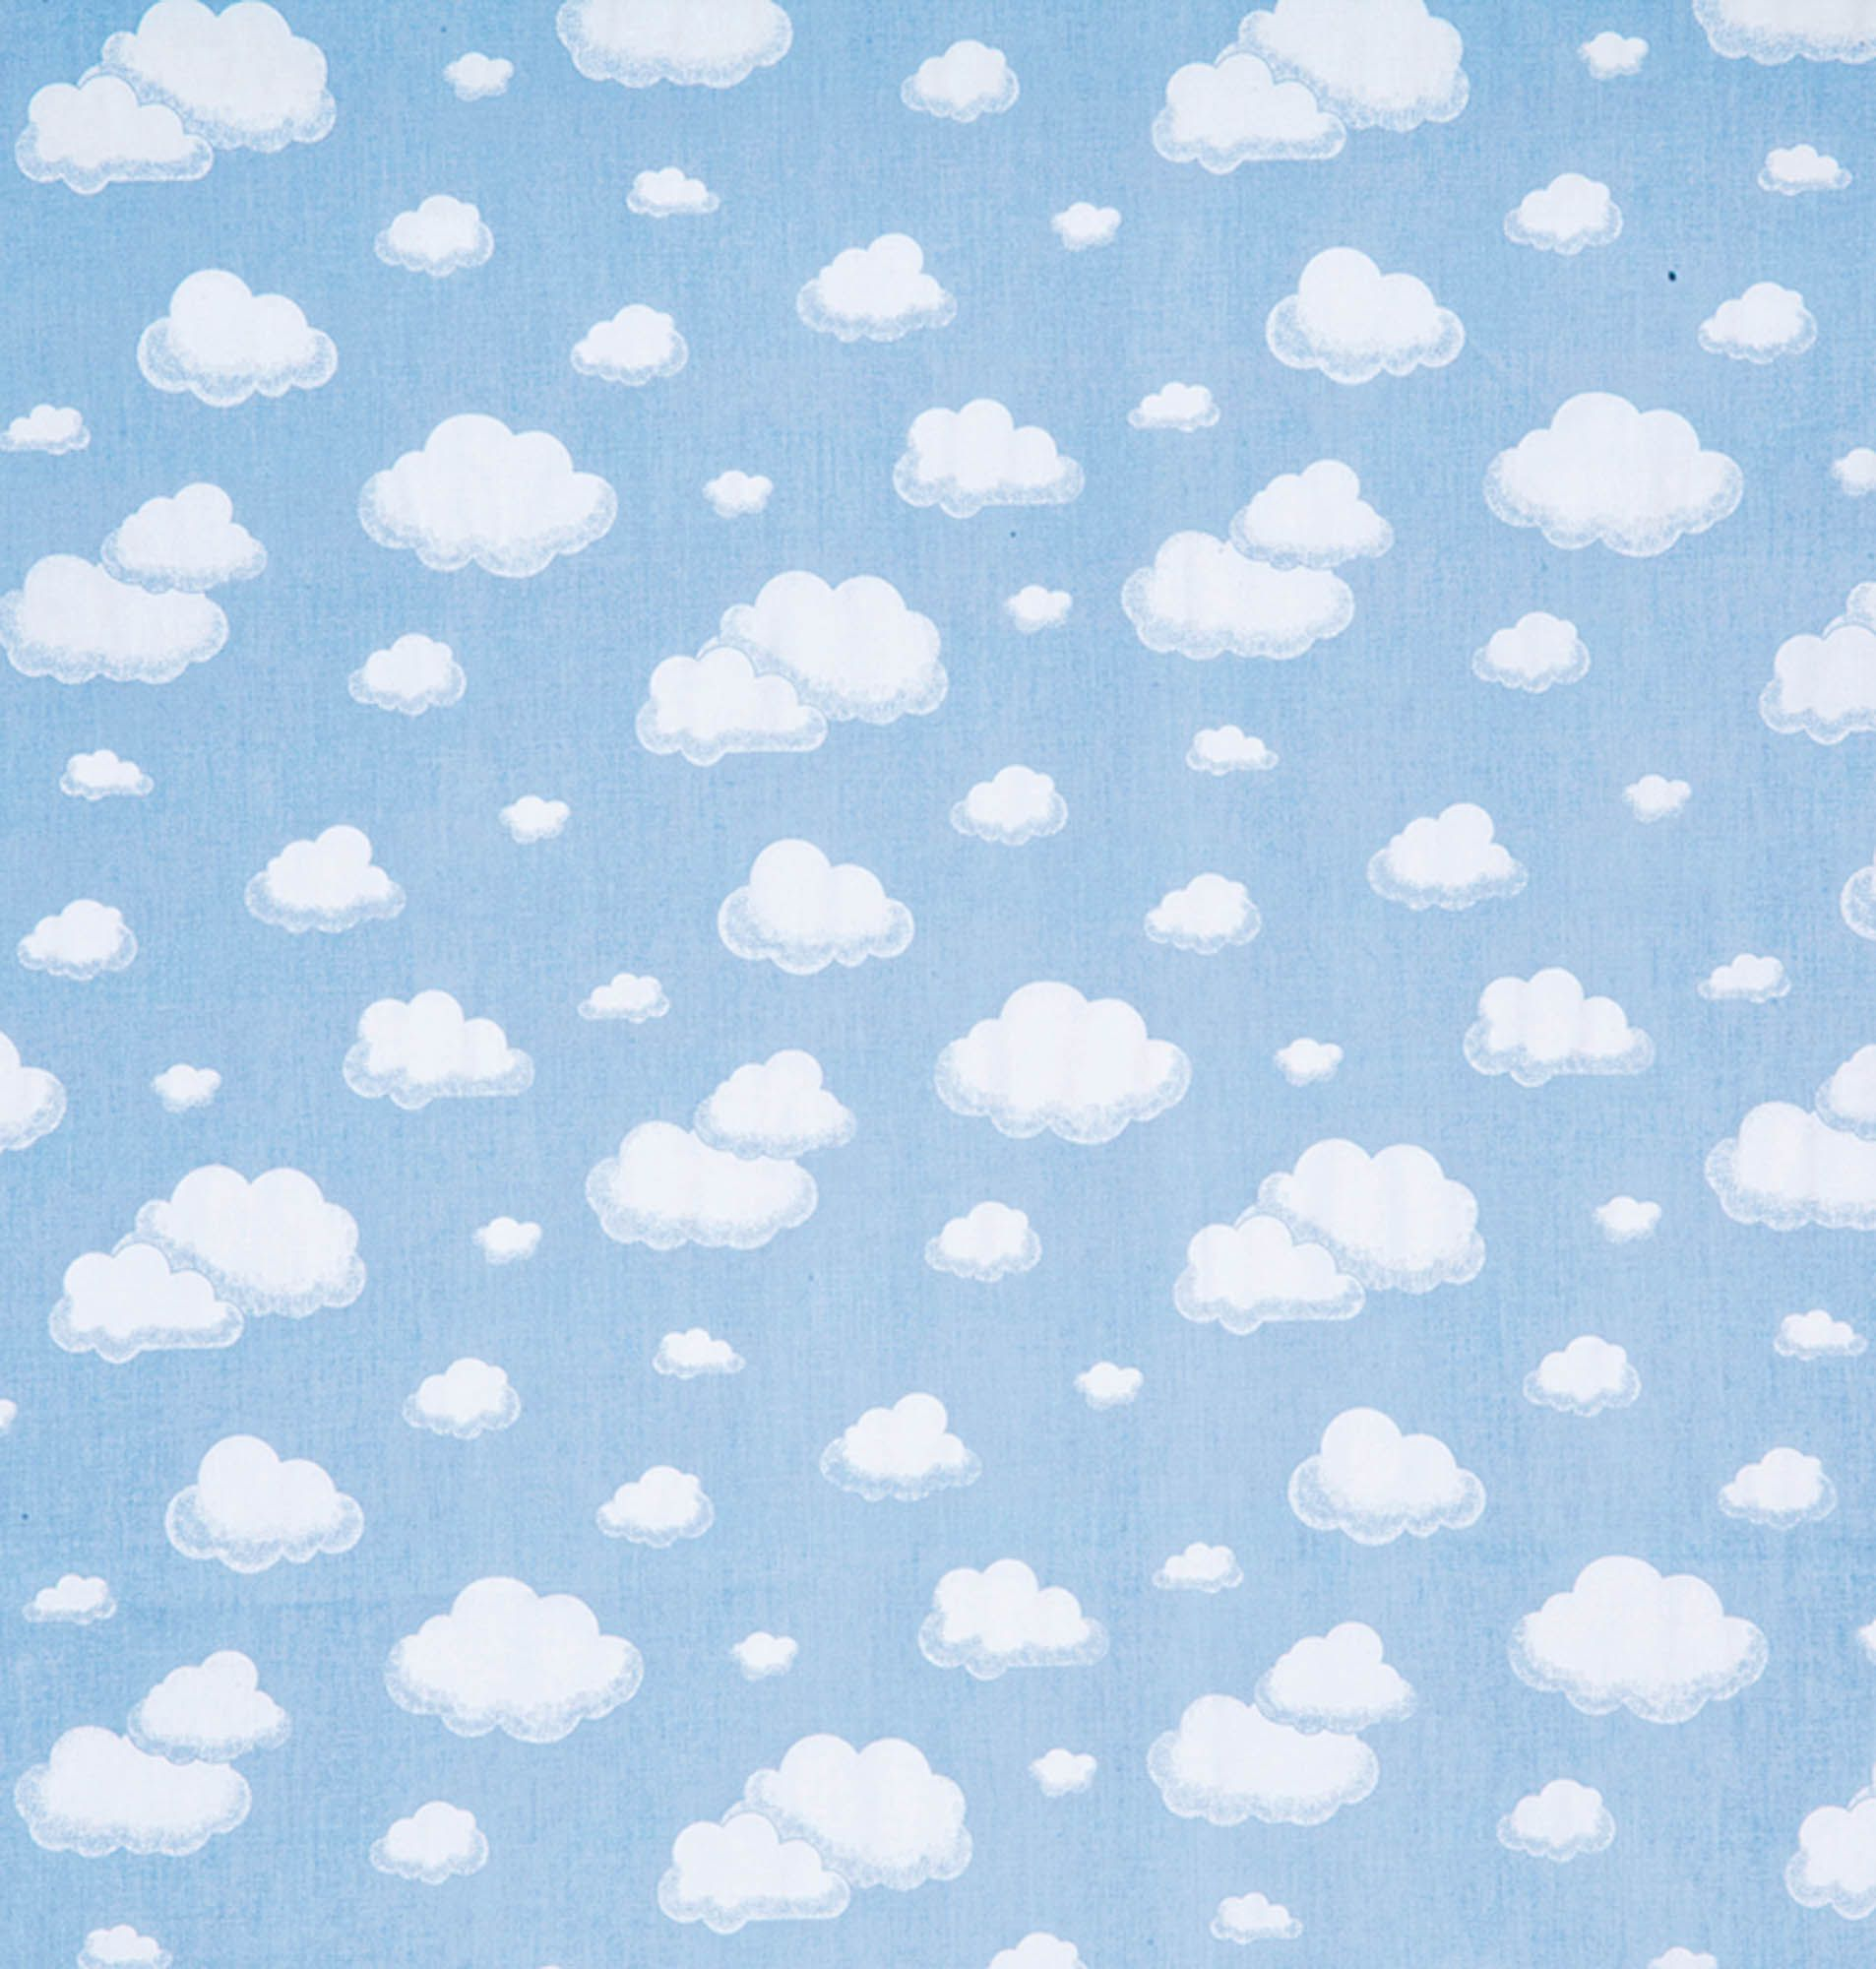 Tecido tricoline estampado nuvem dohler 100% algodão azul